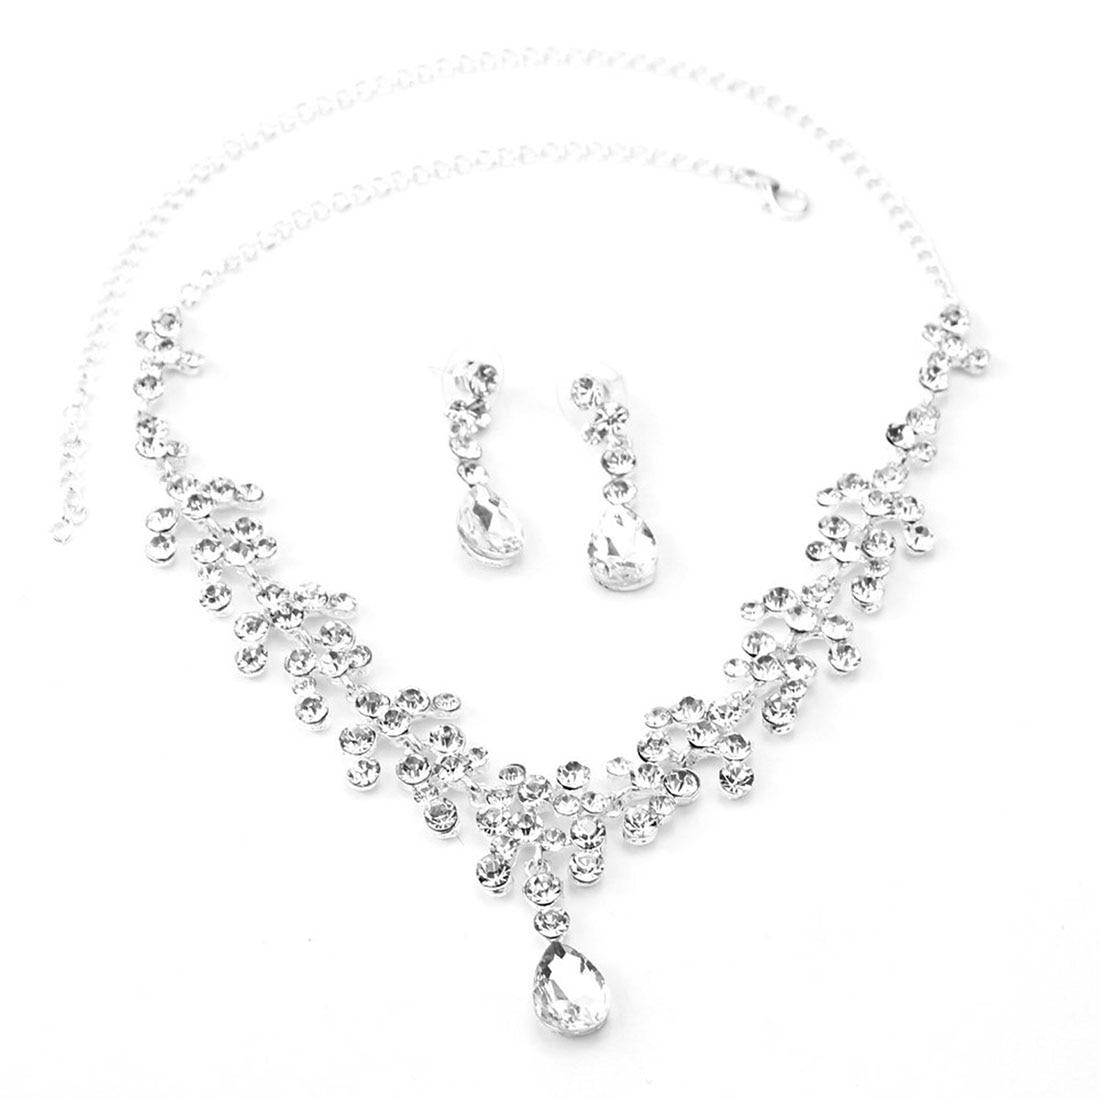 Rhinestone Wedding Bridal Jewelry Set Necklace Chain Ear Piercing Earrings Set Drop